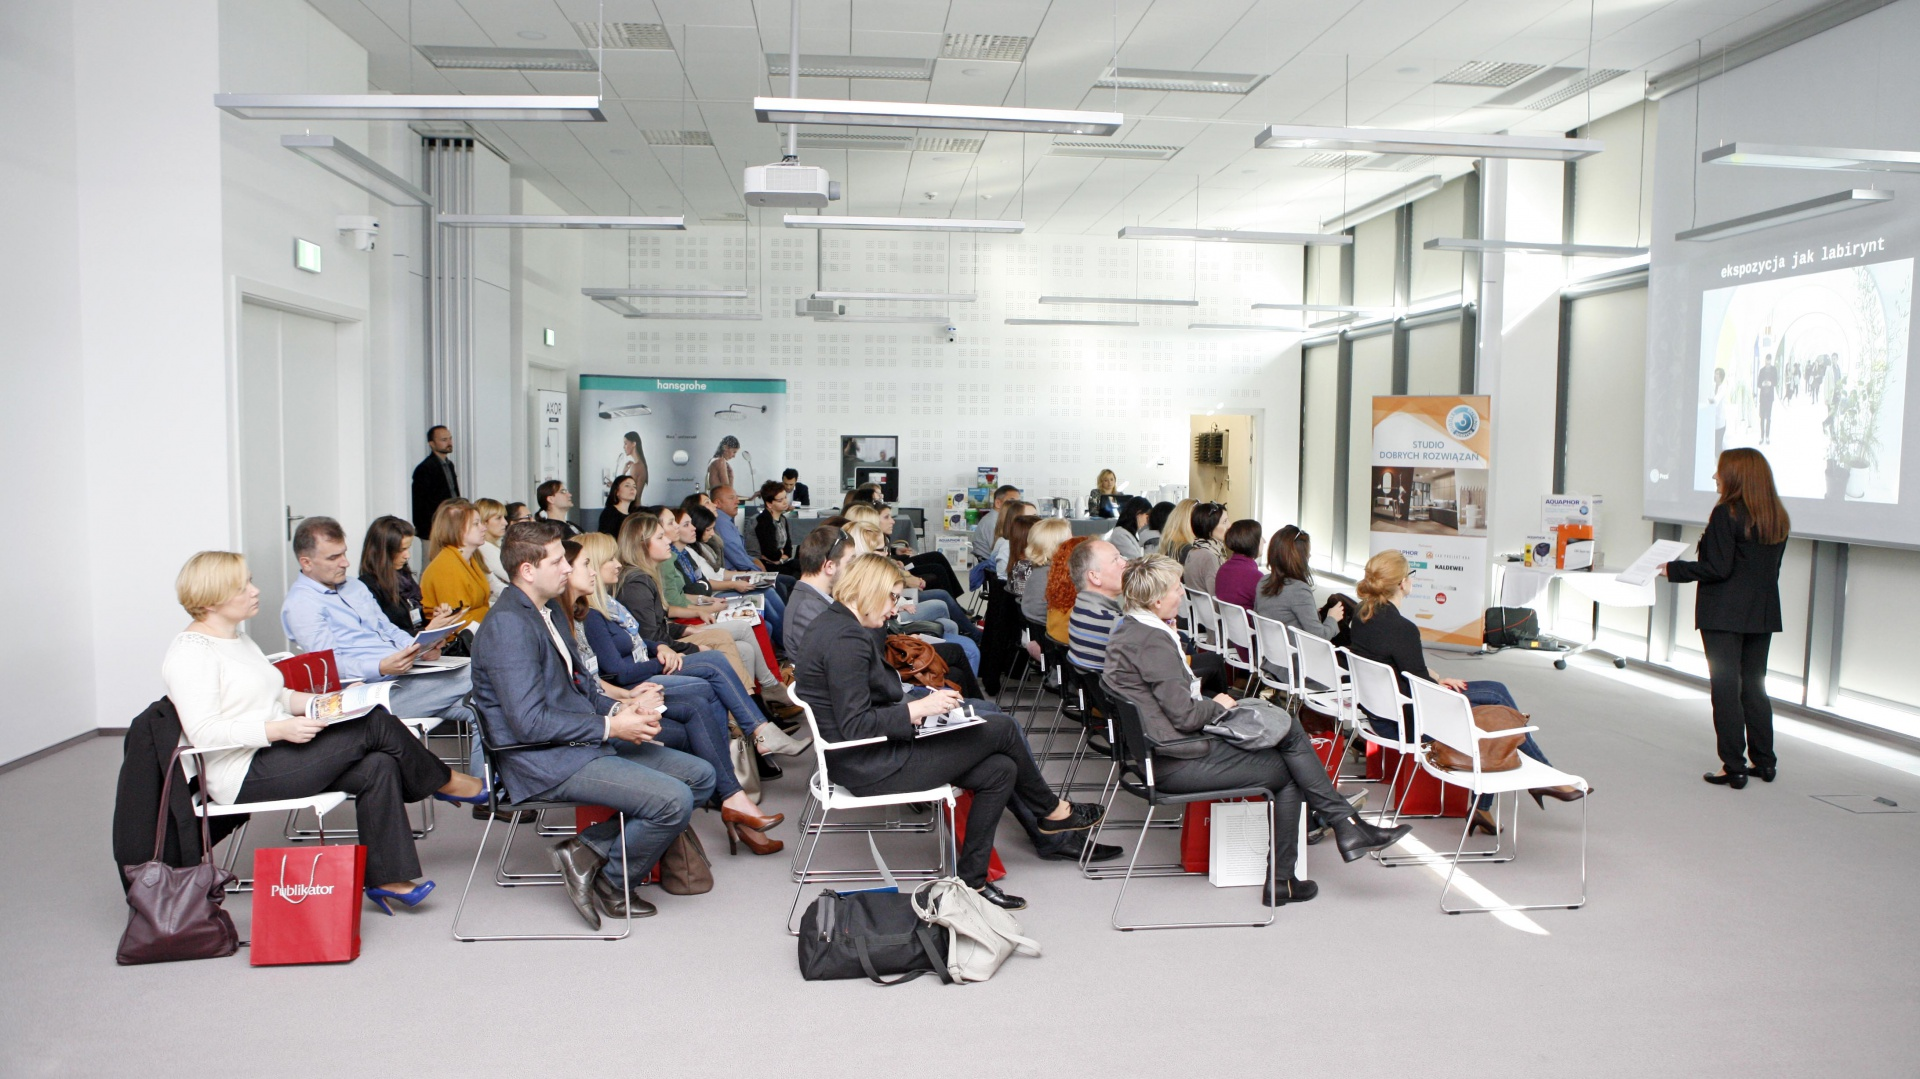 Spotkanie w Białymstoku poprowadziła Anna Raducha-Romanowicz, redaktor magazynu Łazienka.